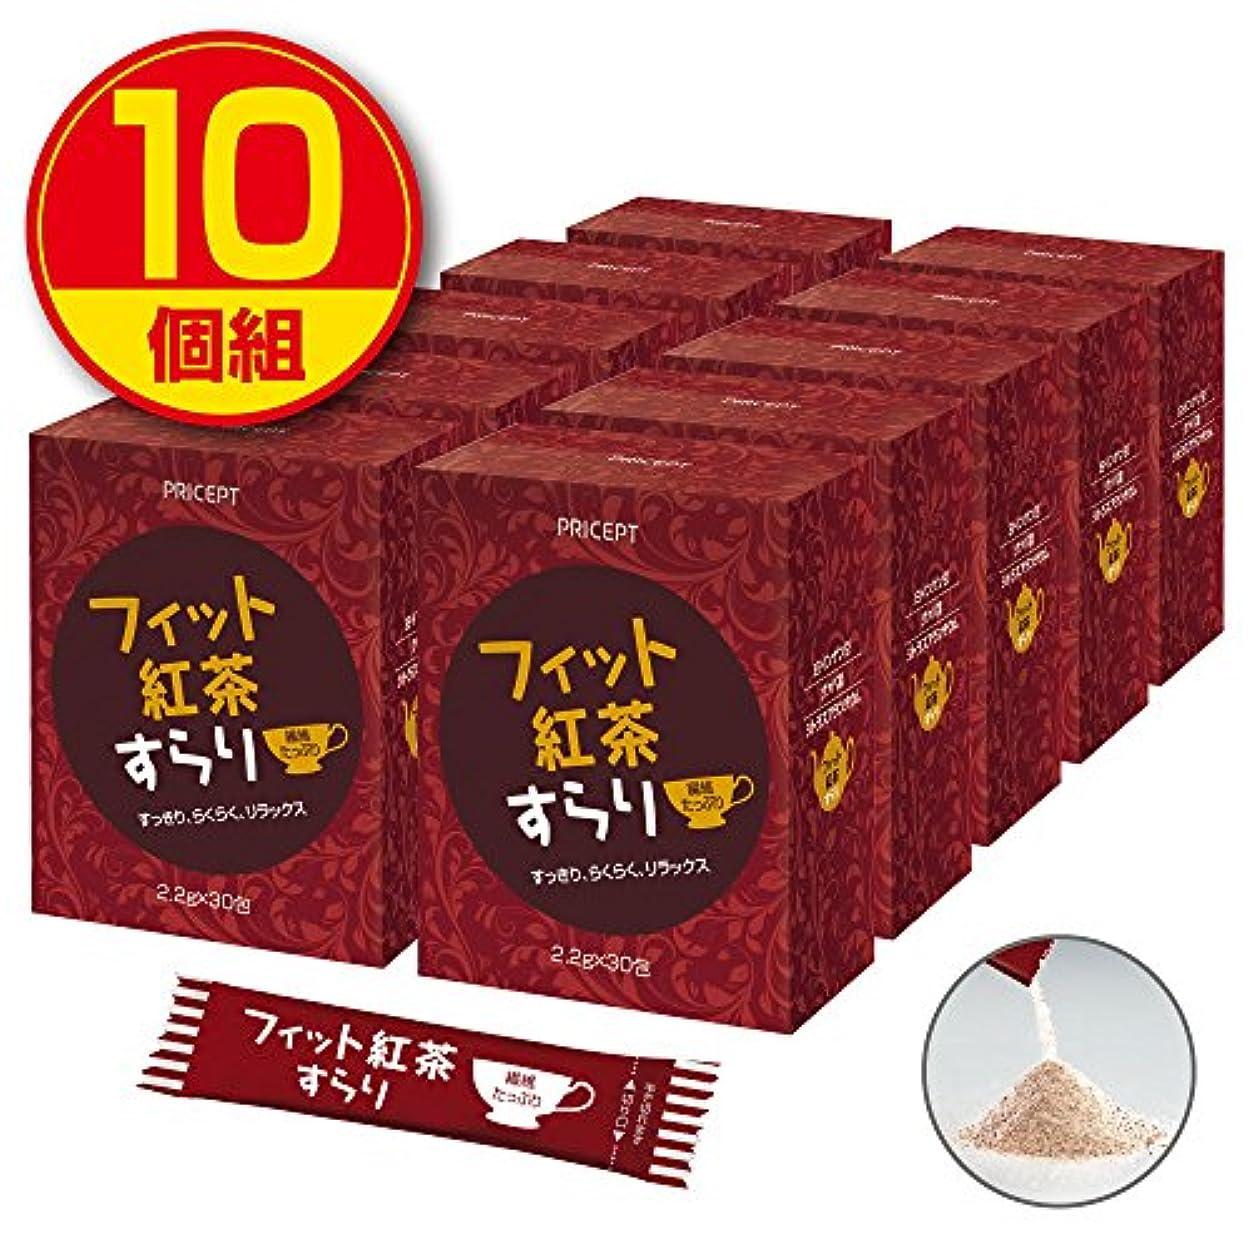 埋め込む惨めなかんがいプリセプト フィット紅茶すらり(30包)【10個組?300包】(食物繊維配合ダイエットサポート紅茶)